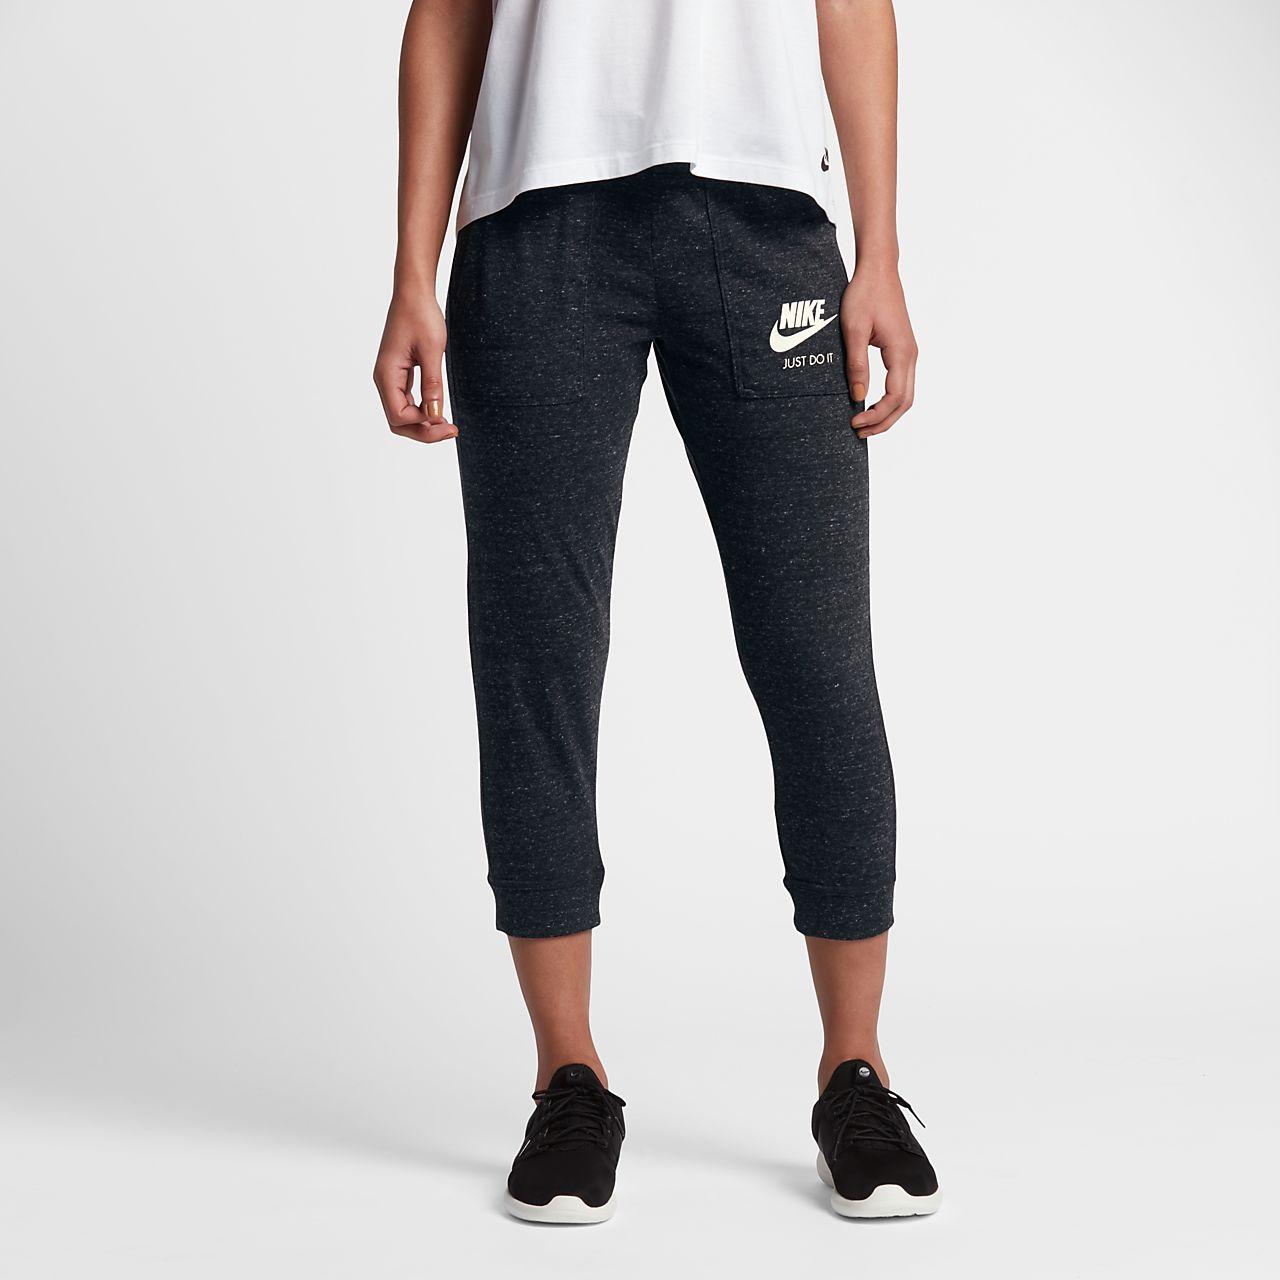 Nike Sportswear Gym Vintage Women's Logo Capris Black/Sail